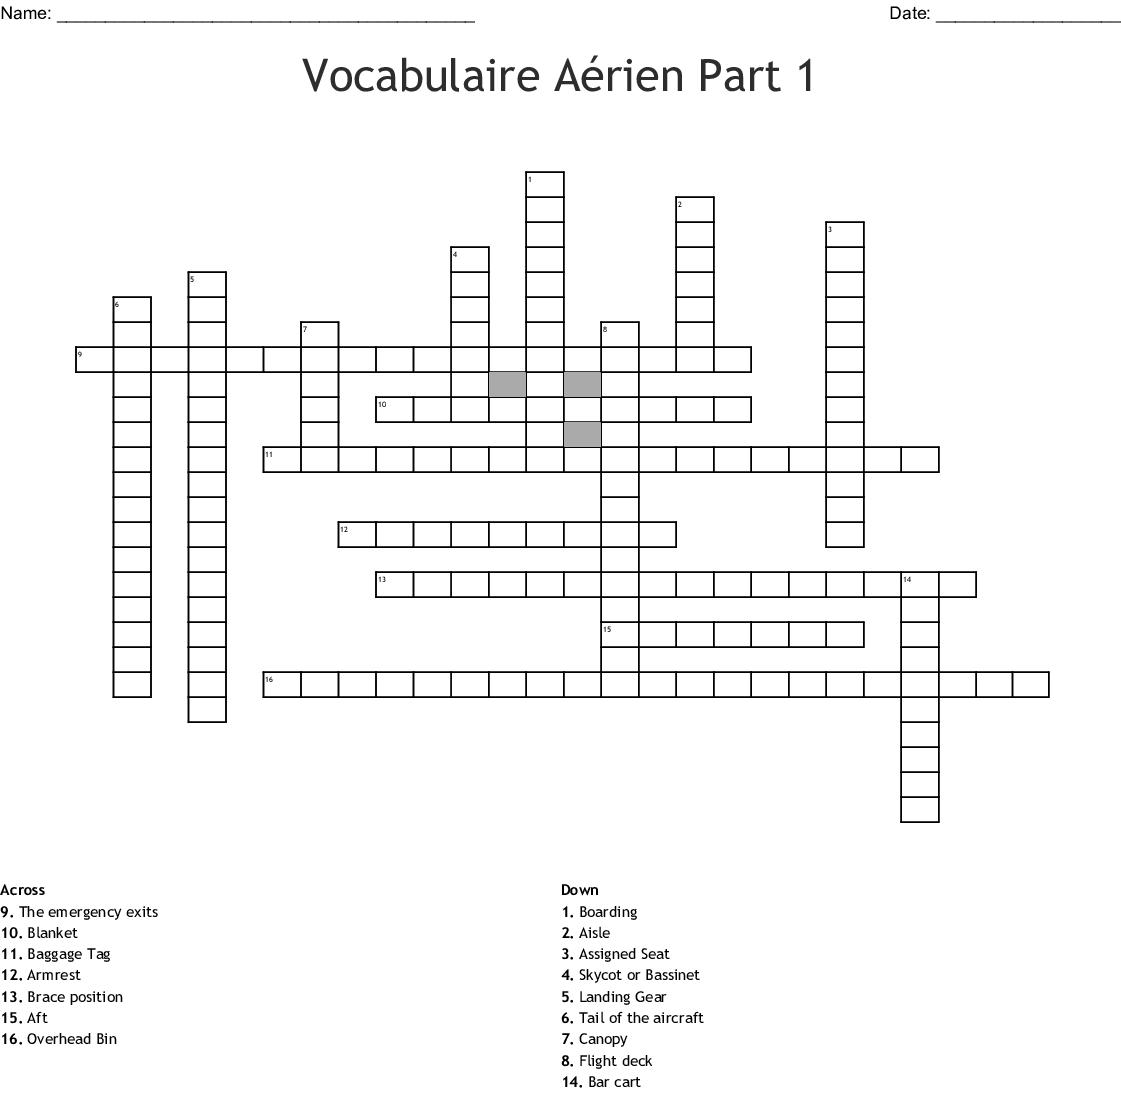 French Vocabulary Worksheet